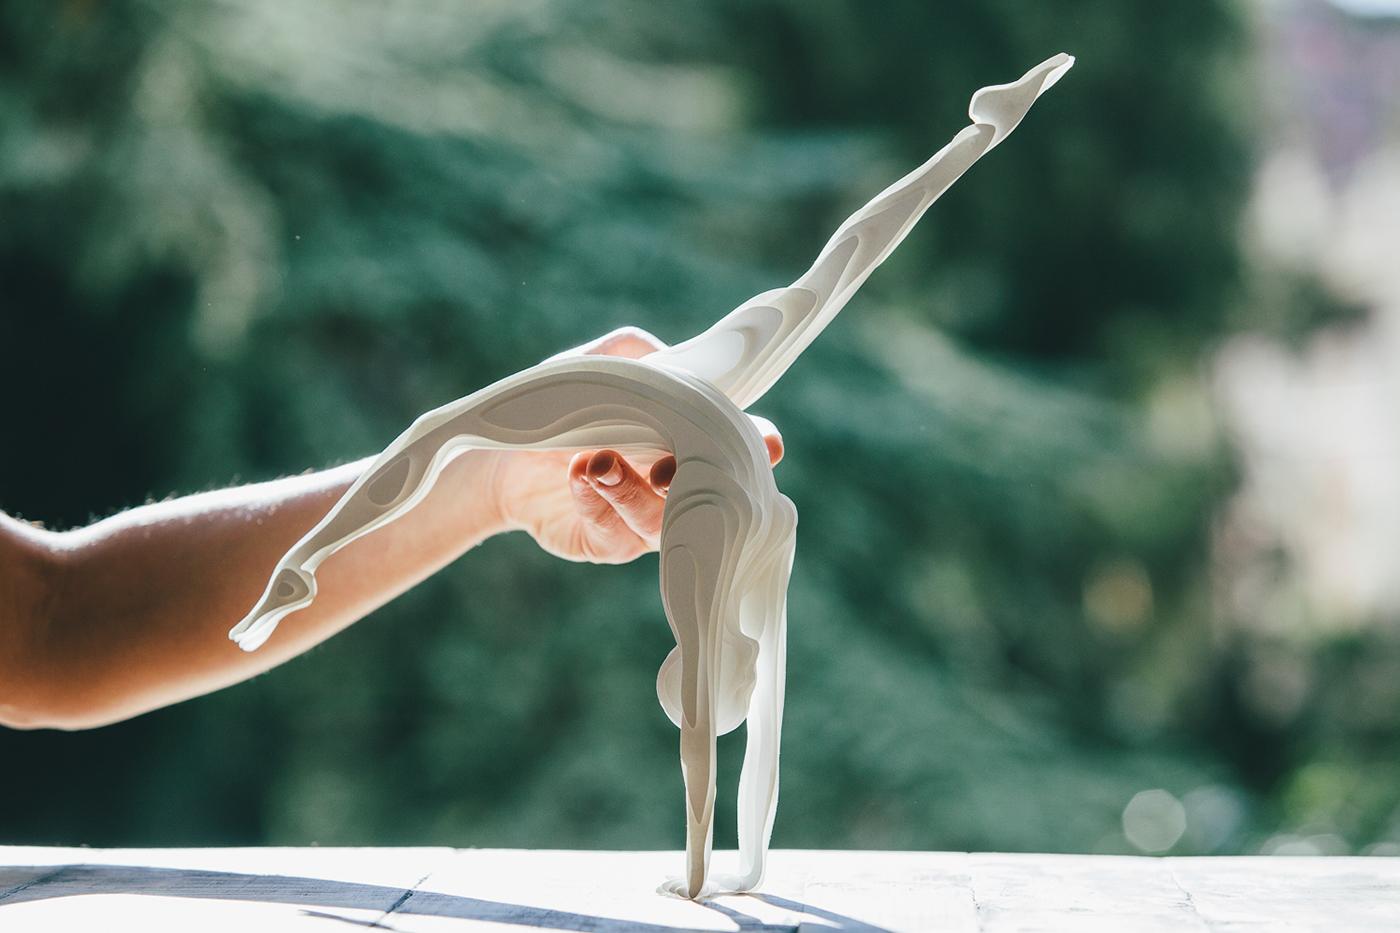 細緻的27套立體紙雕作品欣賞